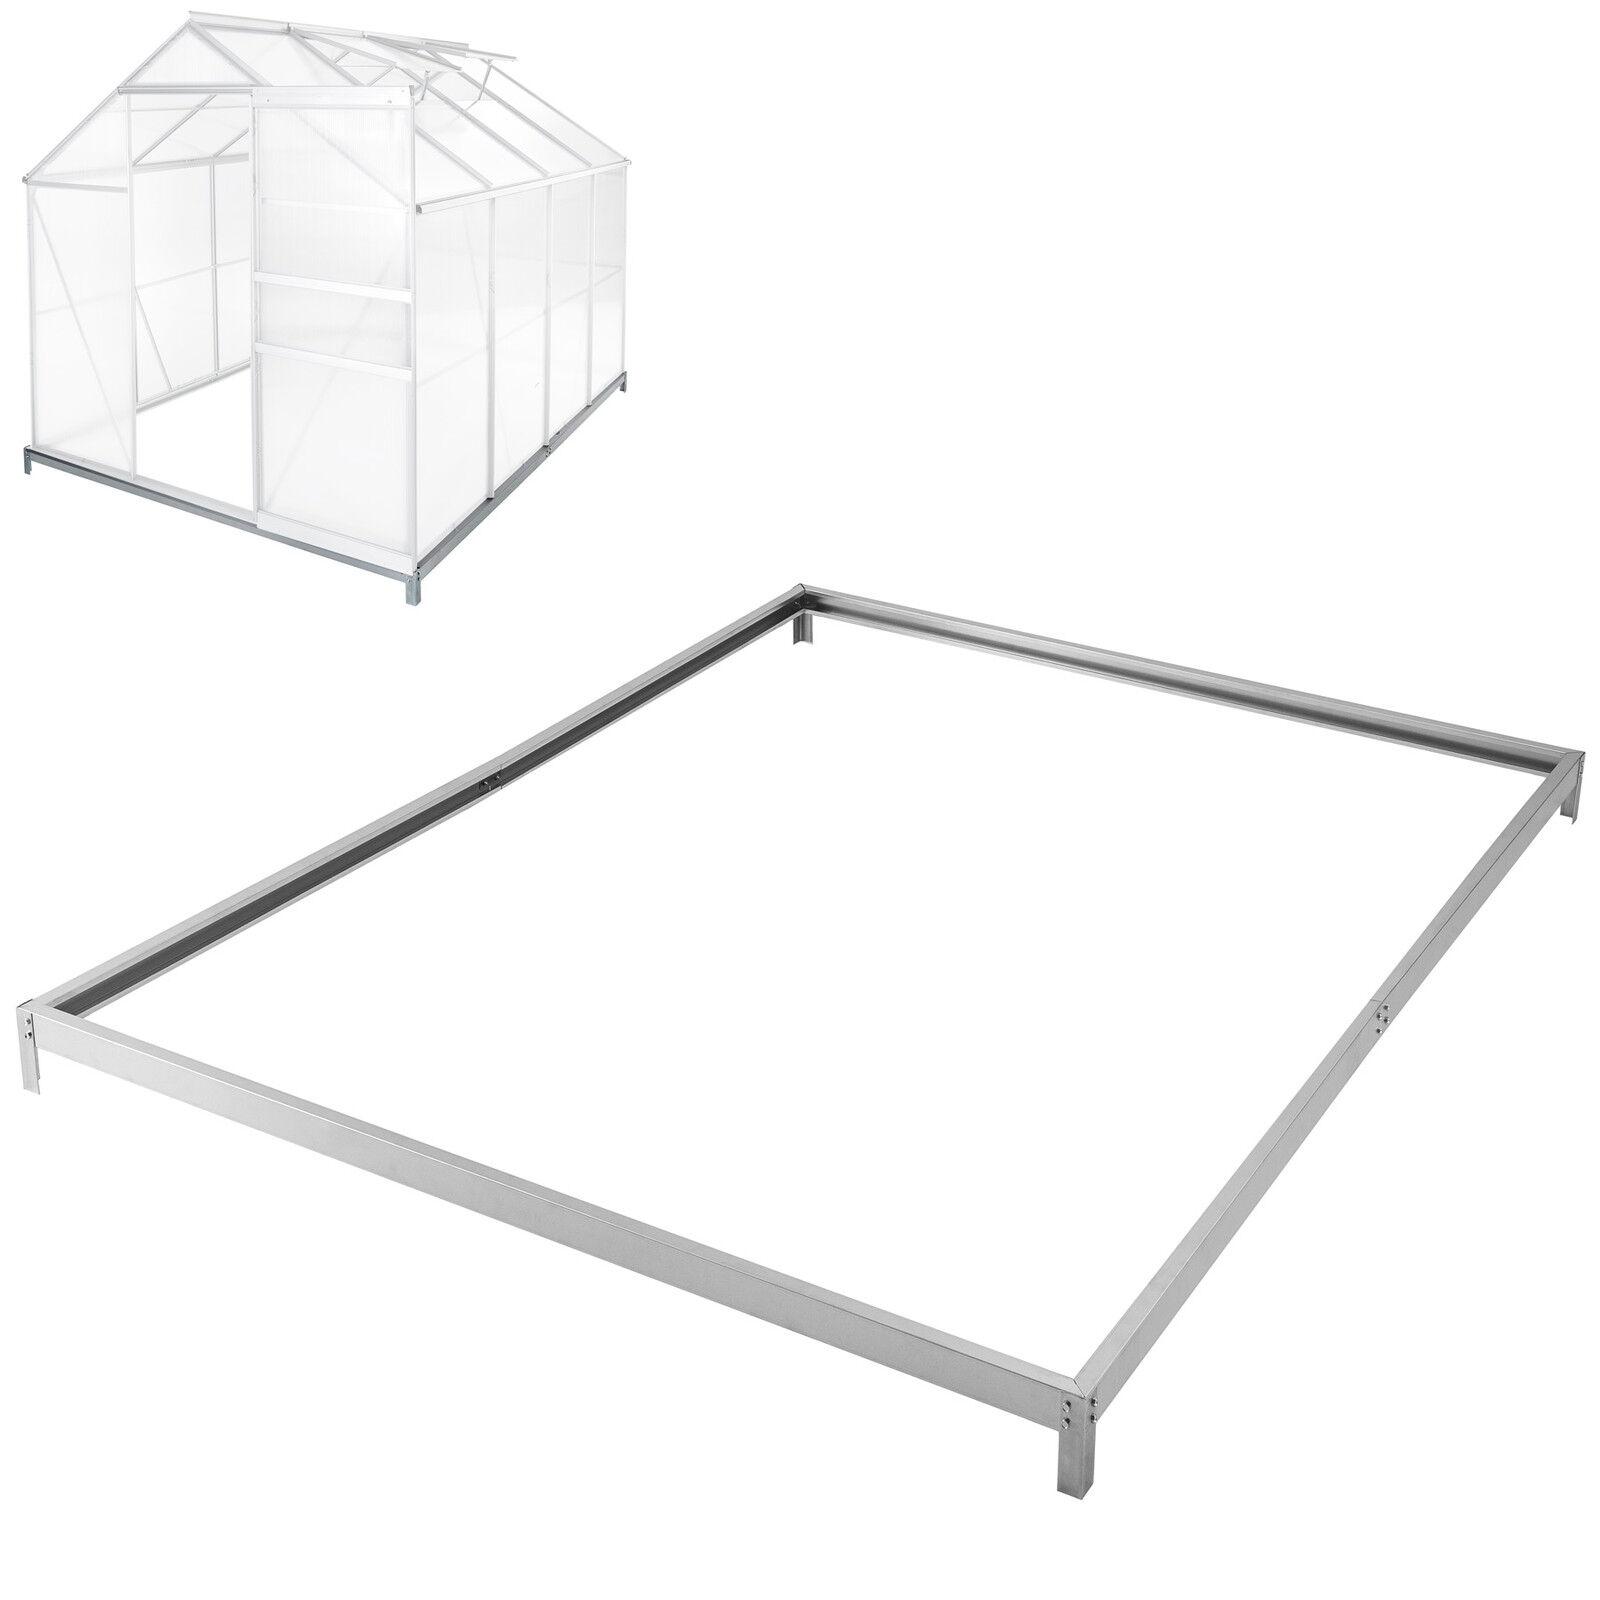 Fundación Base de efecto invernadero 250 X 185 cm Marco de Acero Galvanizado de Casa verde